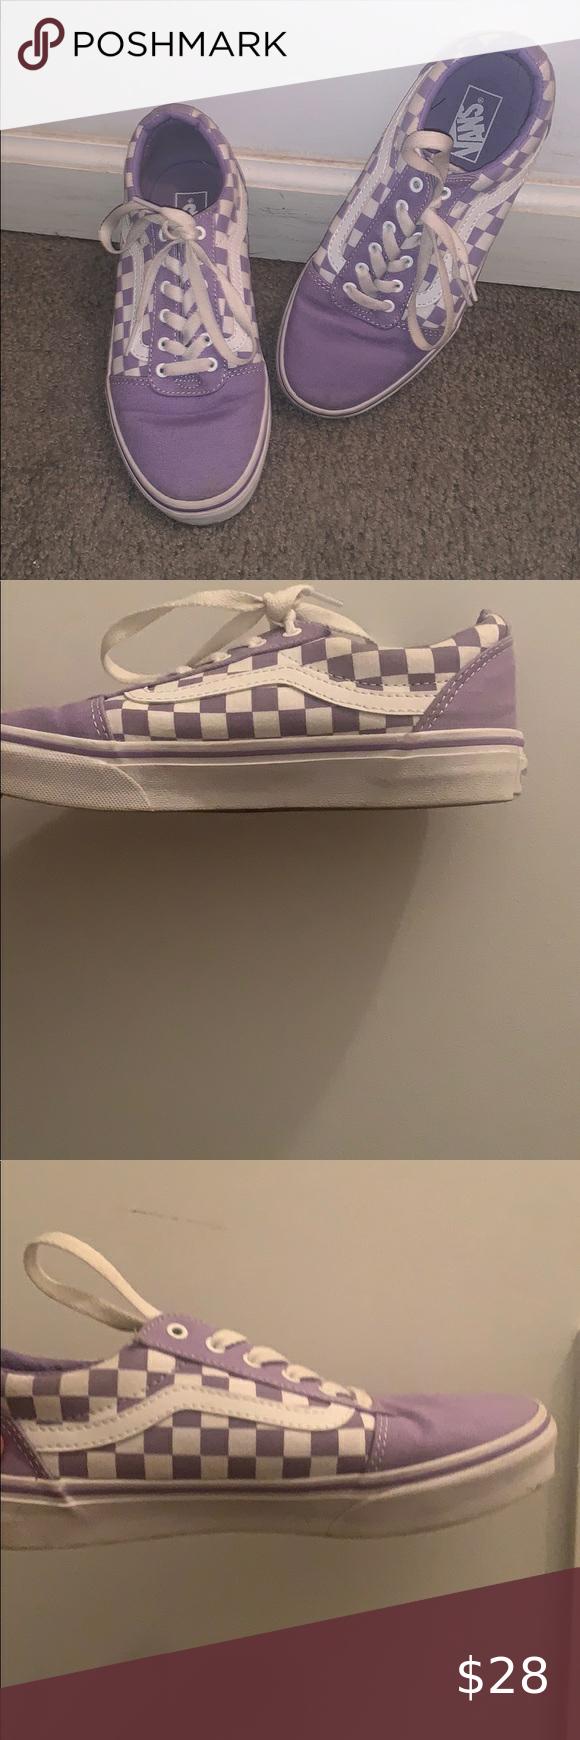 Old Skool Purple Checkered Vans